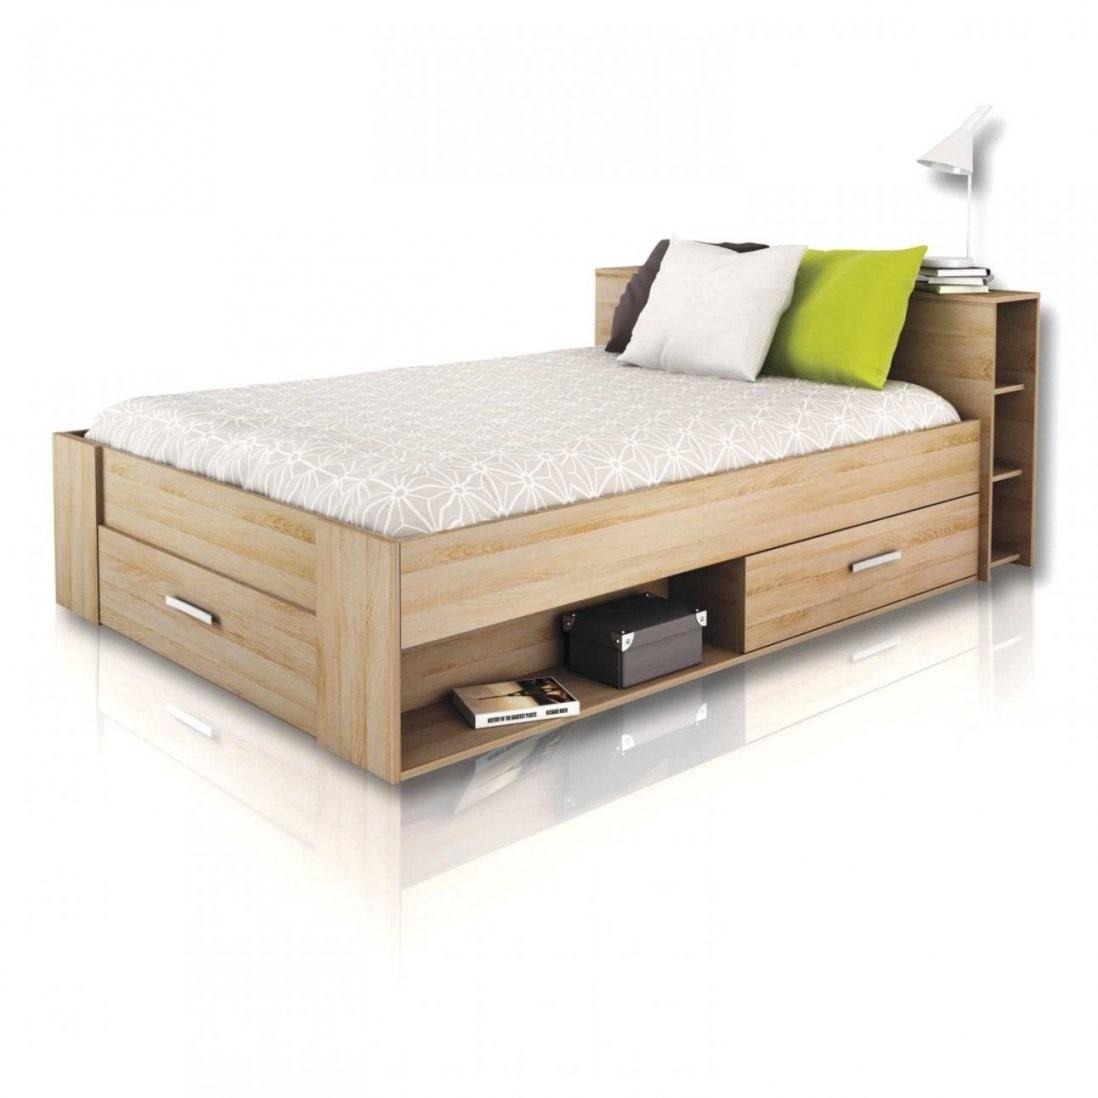 Roller Betten 90×200 Unglaublich Mobel Roller Betten Nt07 – Fcci Von von Roller Betten Mit Bettkasten Bild